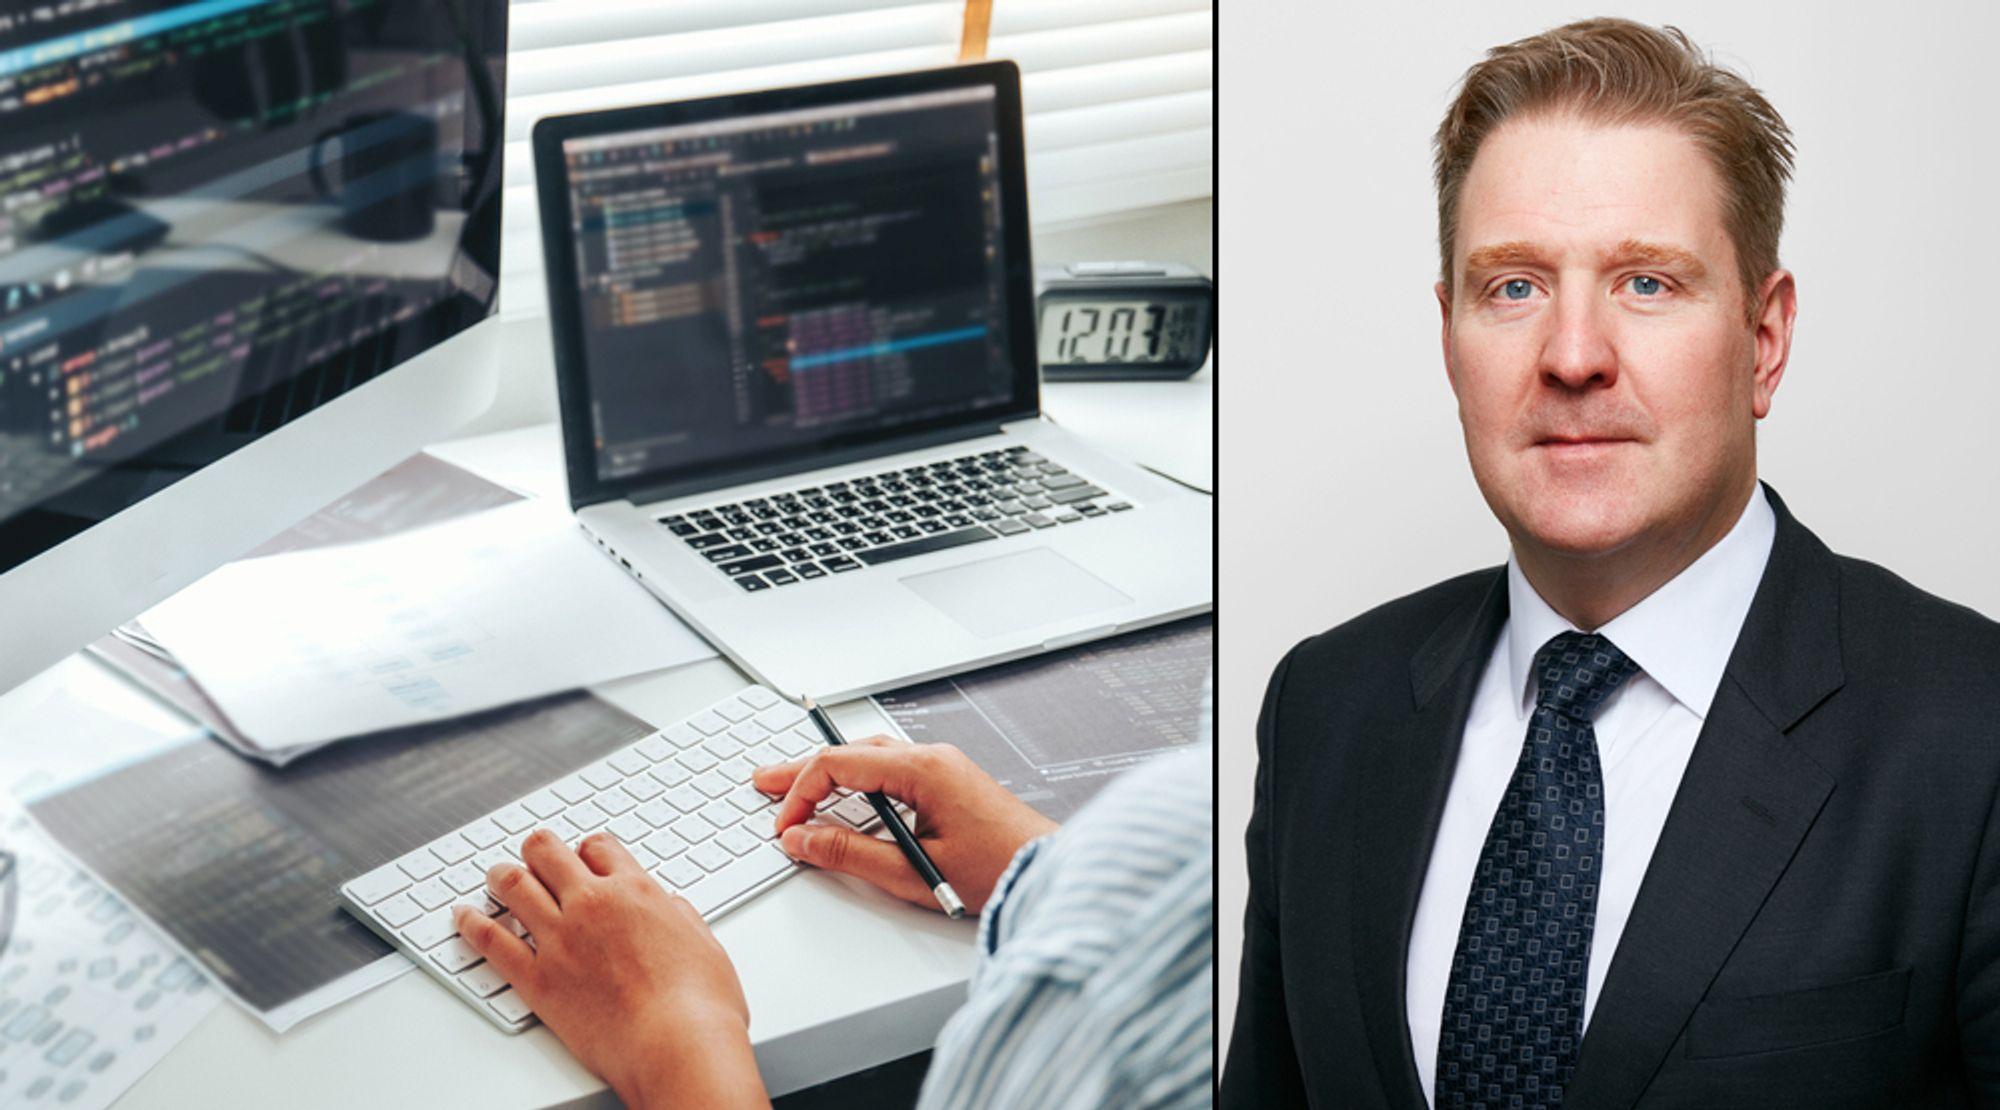 Hans Jørgen Bender, arbeidslivsadvokat i Advokatfirmaet Selmer, ser konturene av et år med flere og hardere arbeidskonflikter.